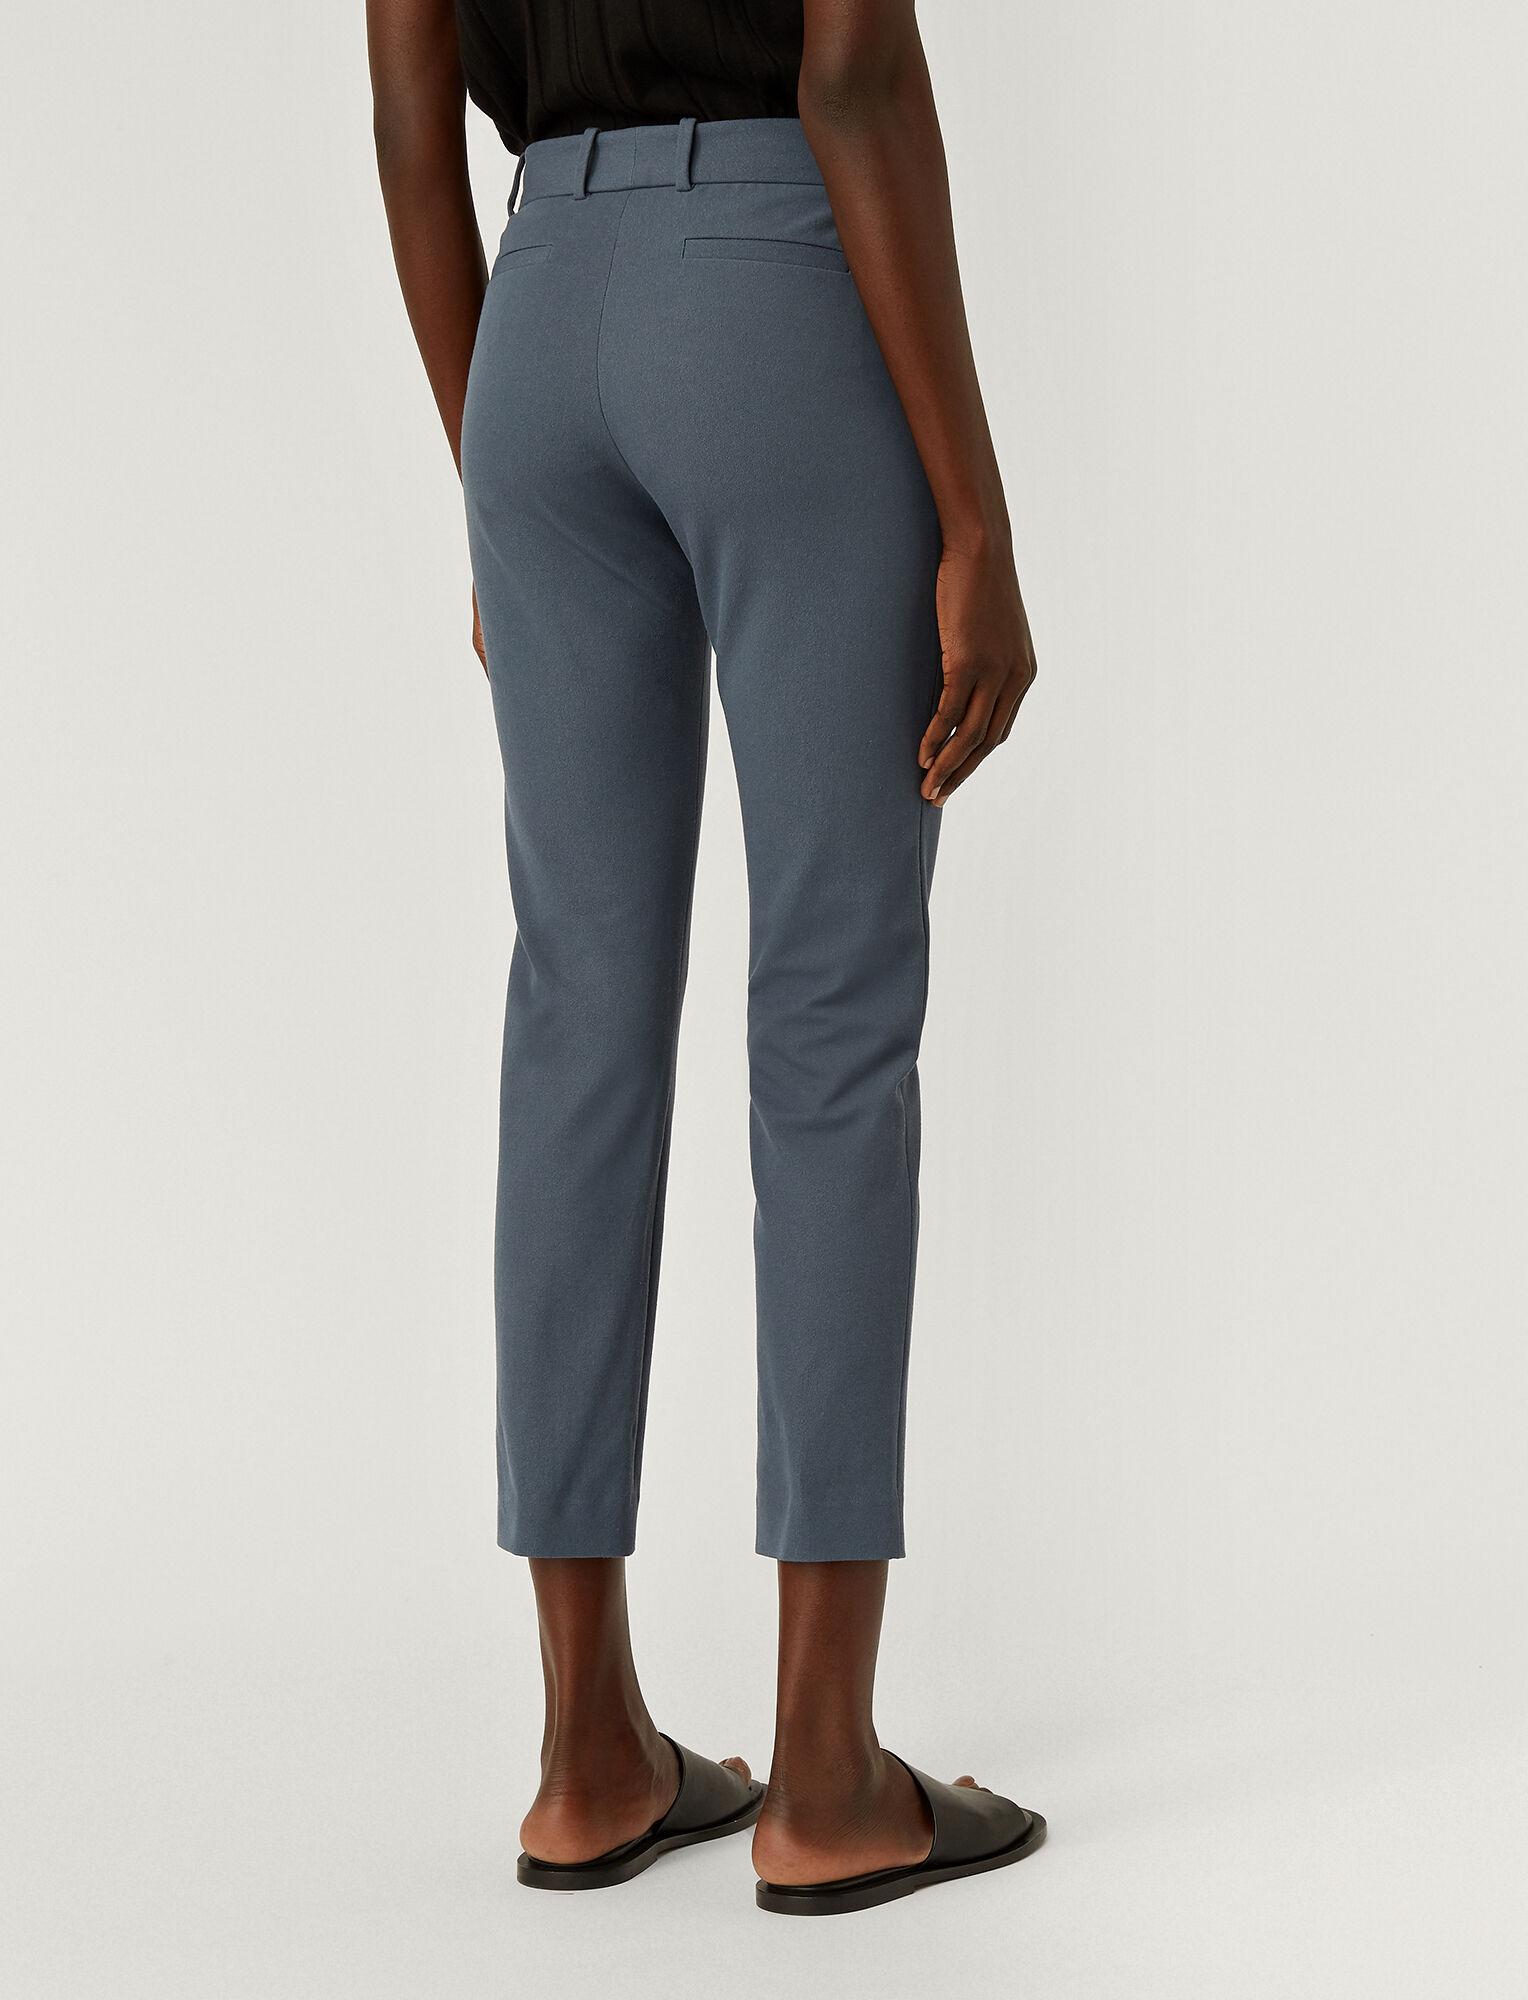 Joseph, Gabardine Stretch New Eliston Trousers, in BLUE STEEL